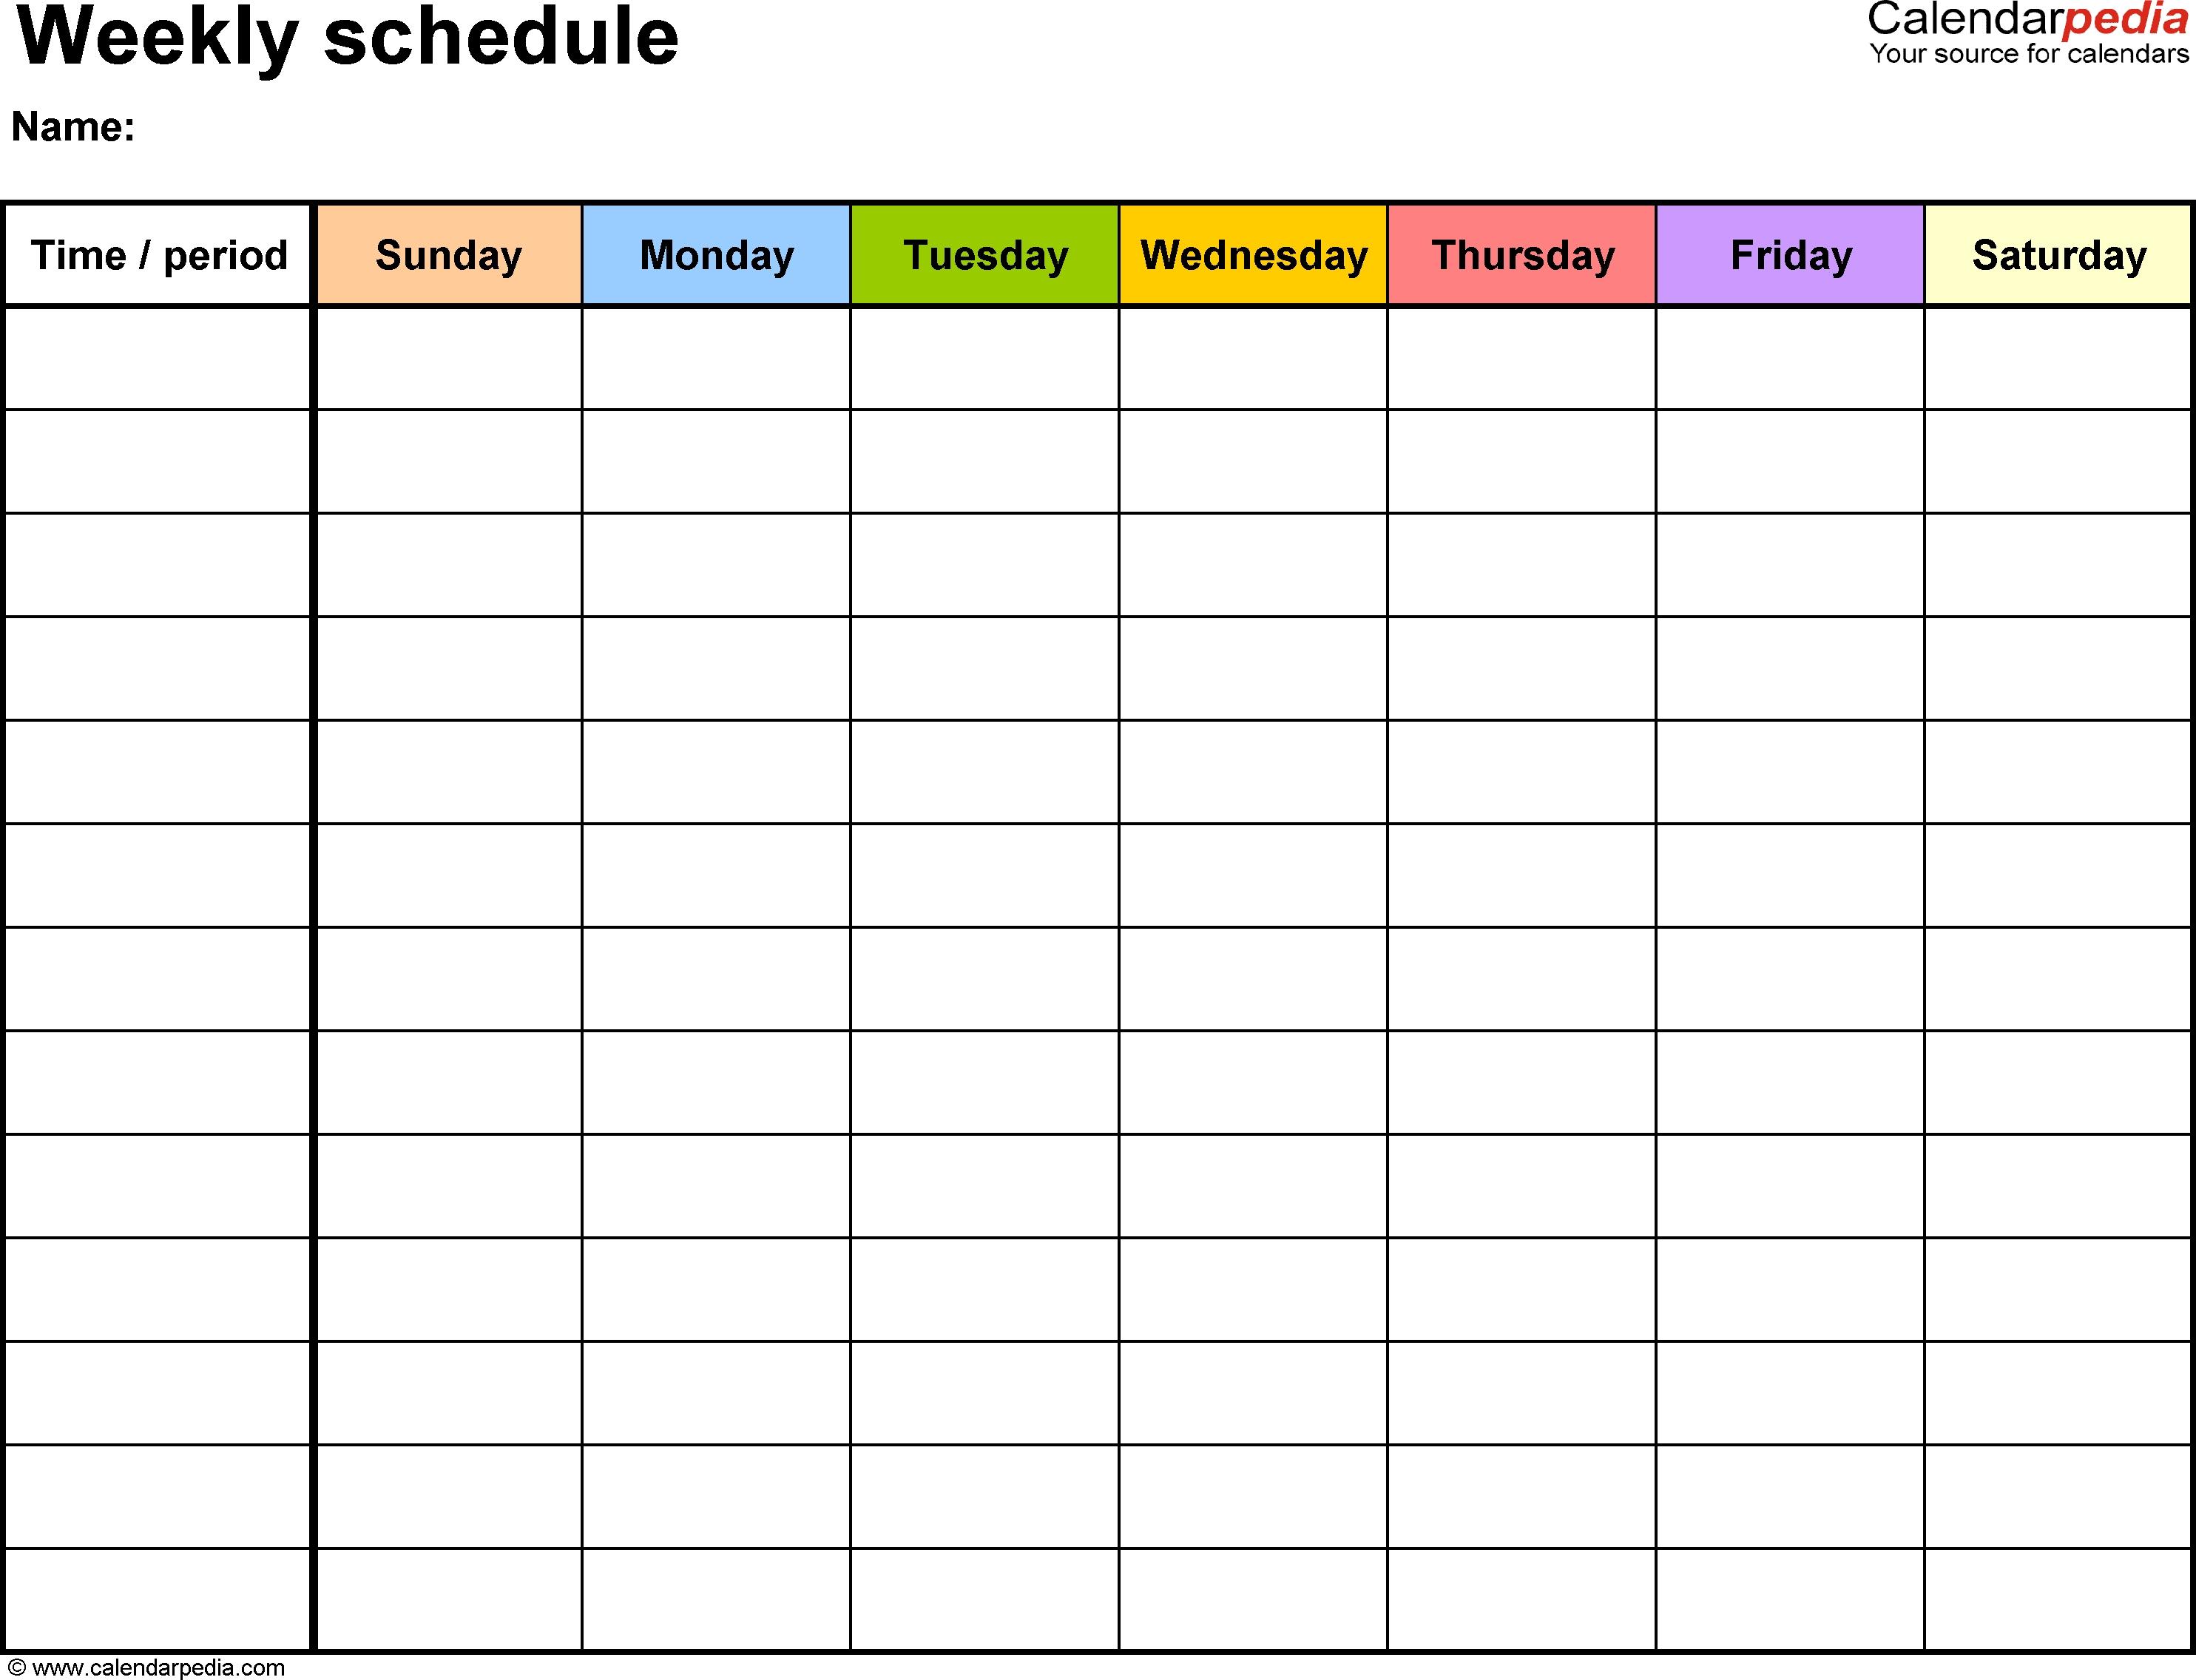 Printable Weekly Calendar Blank Week Number Template With Time Slots inside Week Calendar Blank With Time Slots